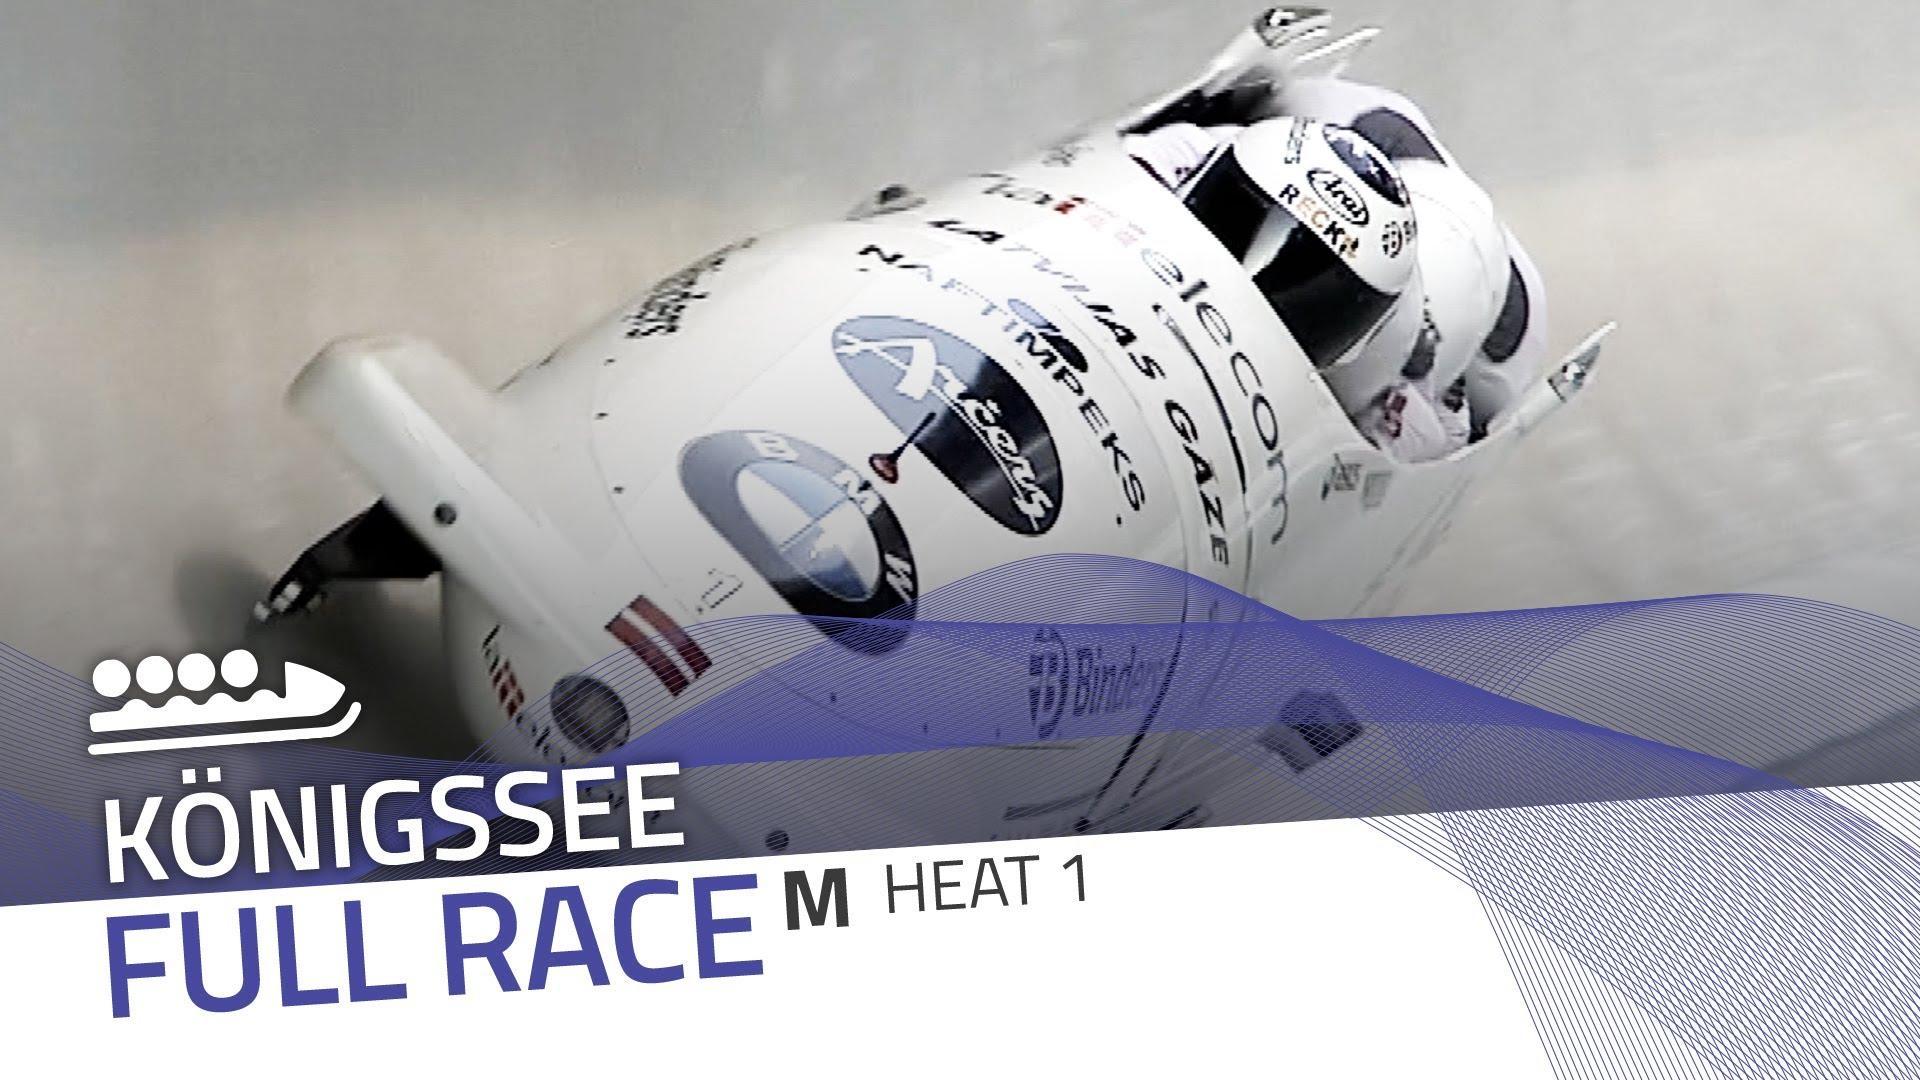 Königssee | bmw ibsf world cup 2015/2016 - 4-man bobsleigh heat 1 | ibsf official